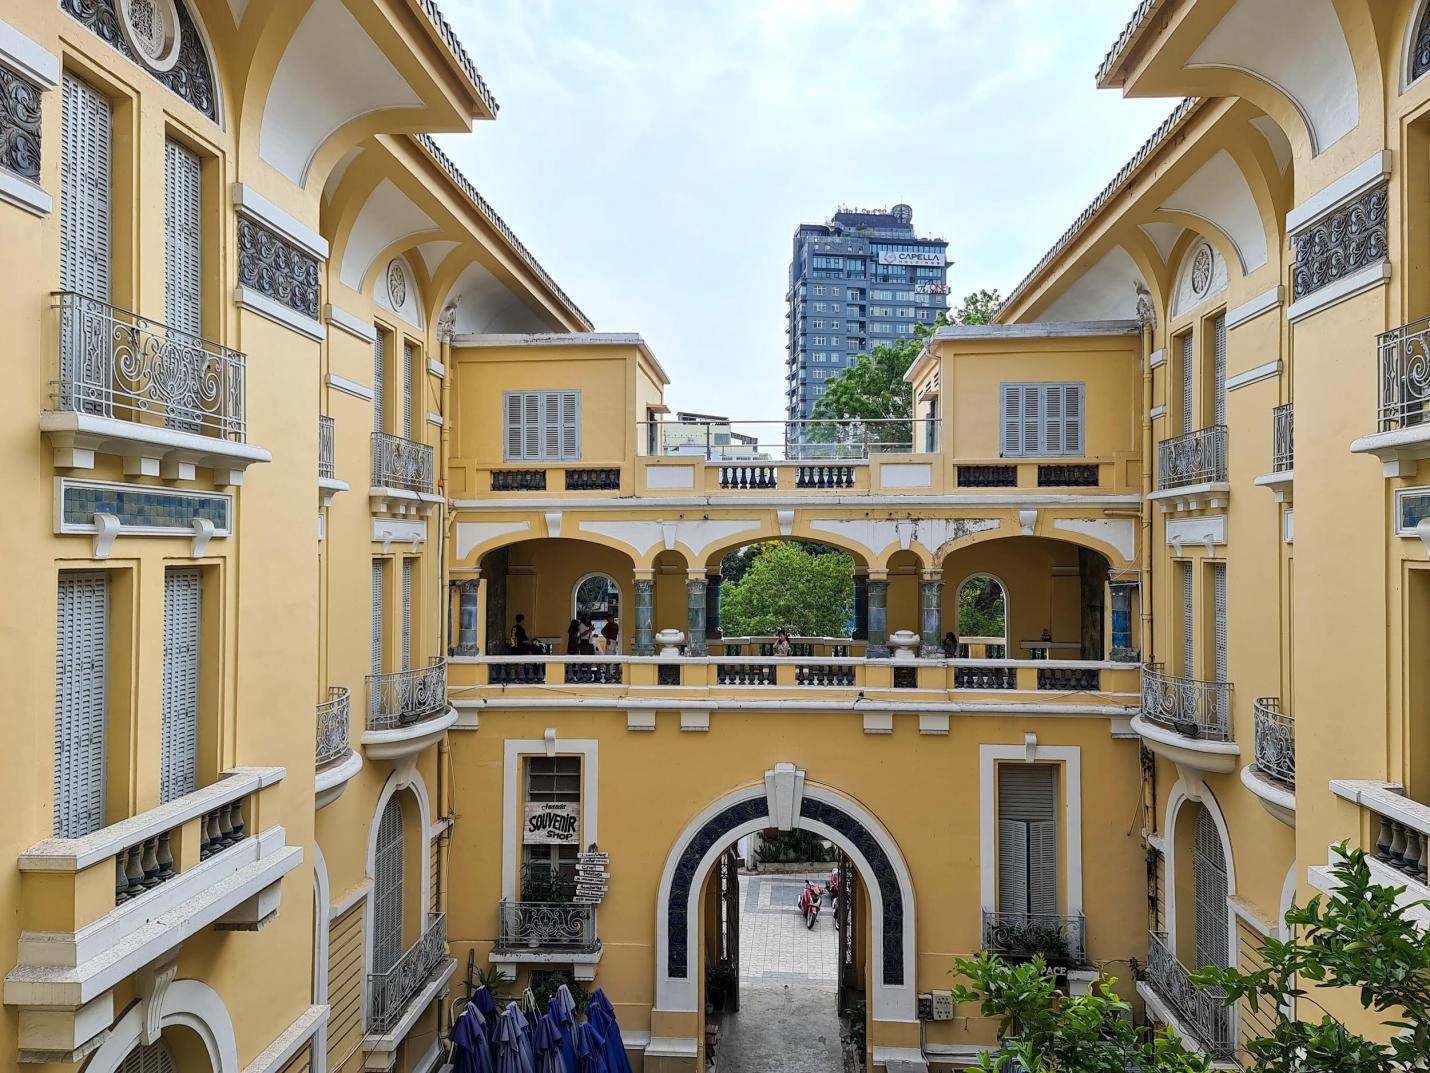 Ở nhà tranh thủ ngắm nhìn Sài Gòn ngay lúc này: nhận ra nhiều điều hay, vẻ đẹp mình lỡ đánh rơi - Ảnh 4.